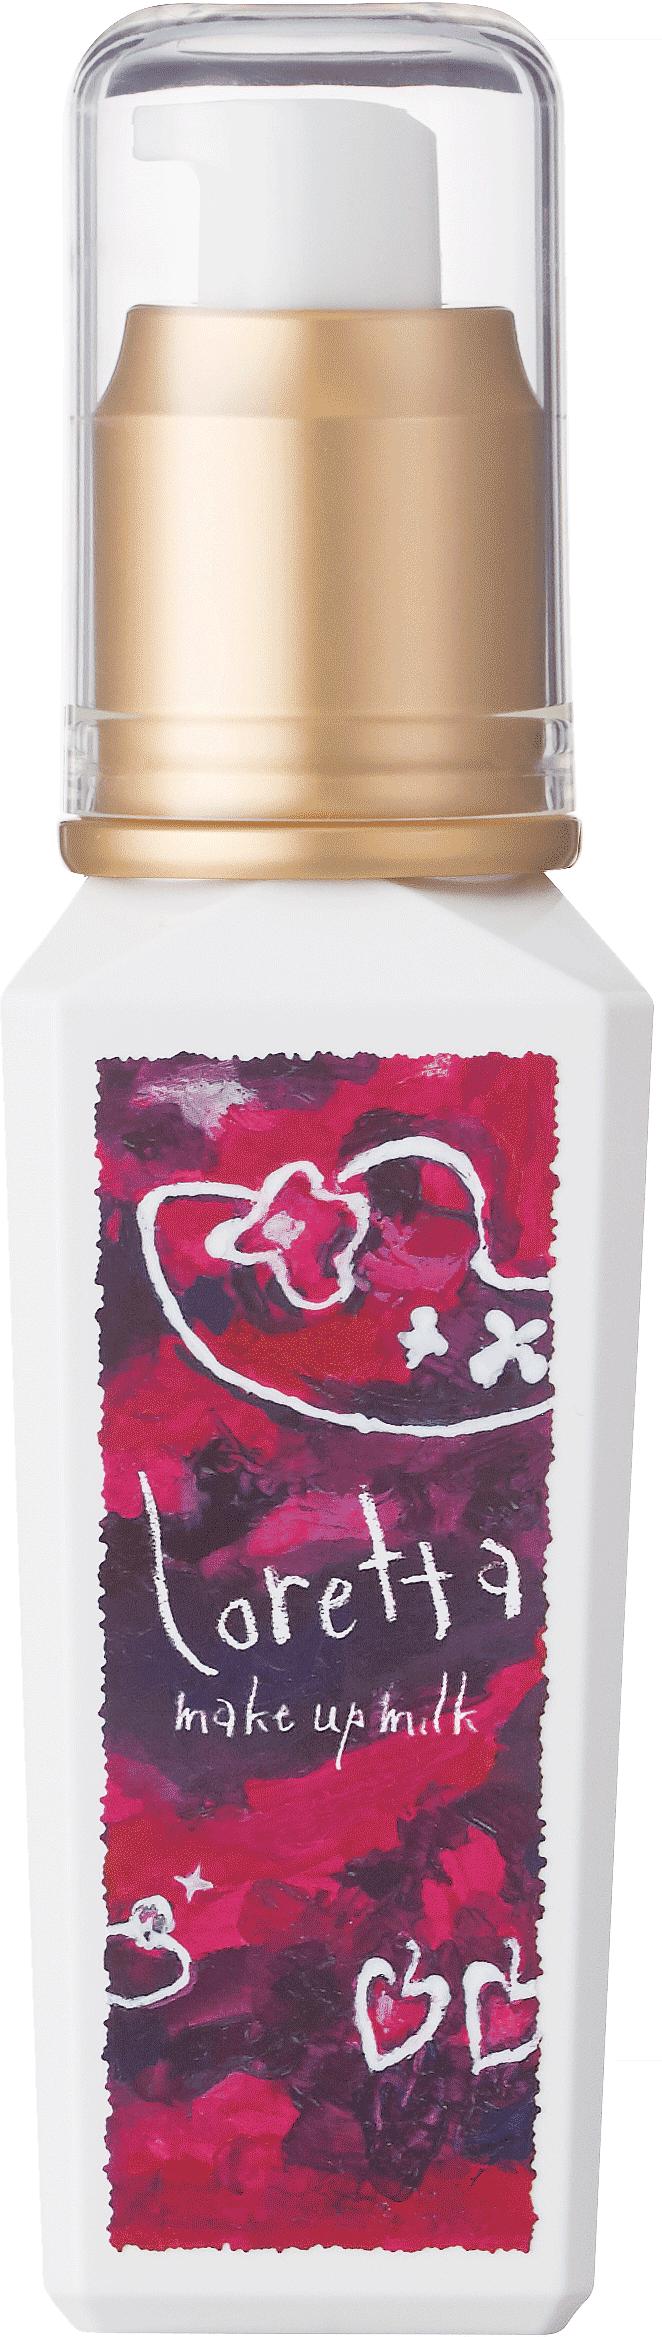 メイクアップミルク(グラマラス)